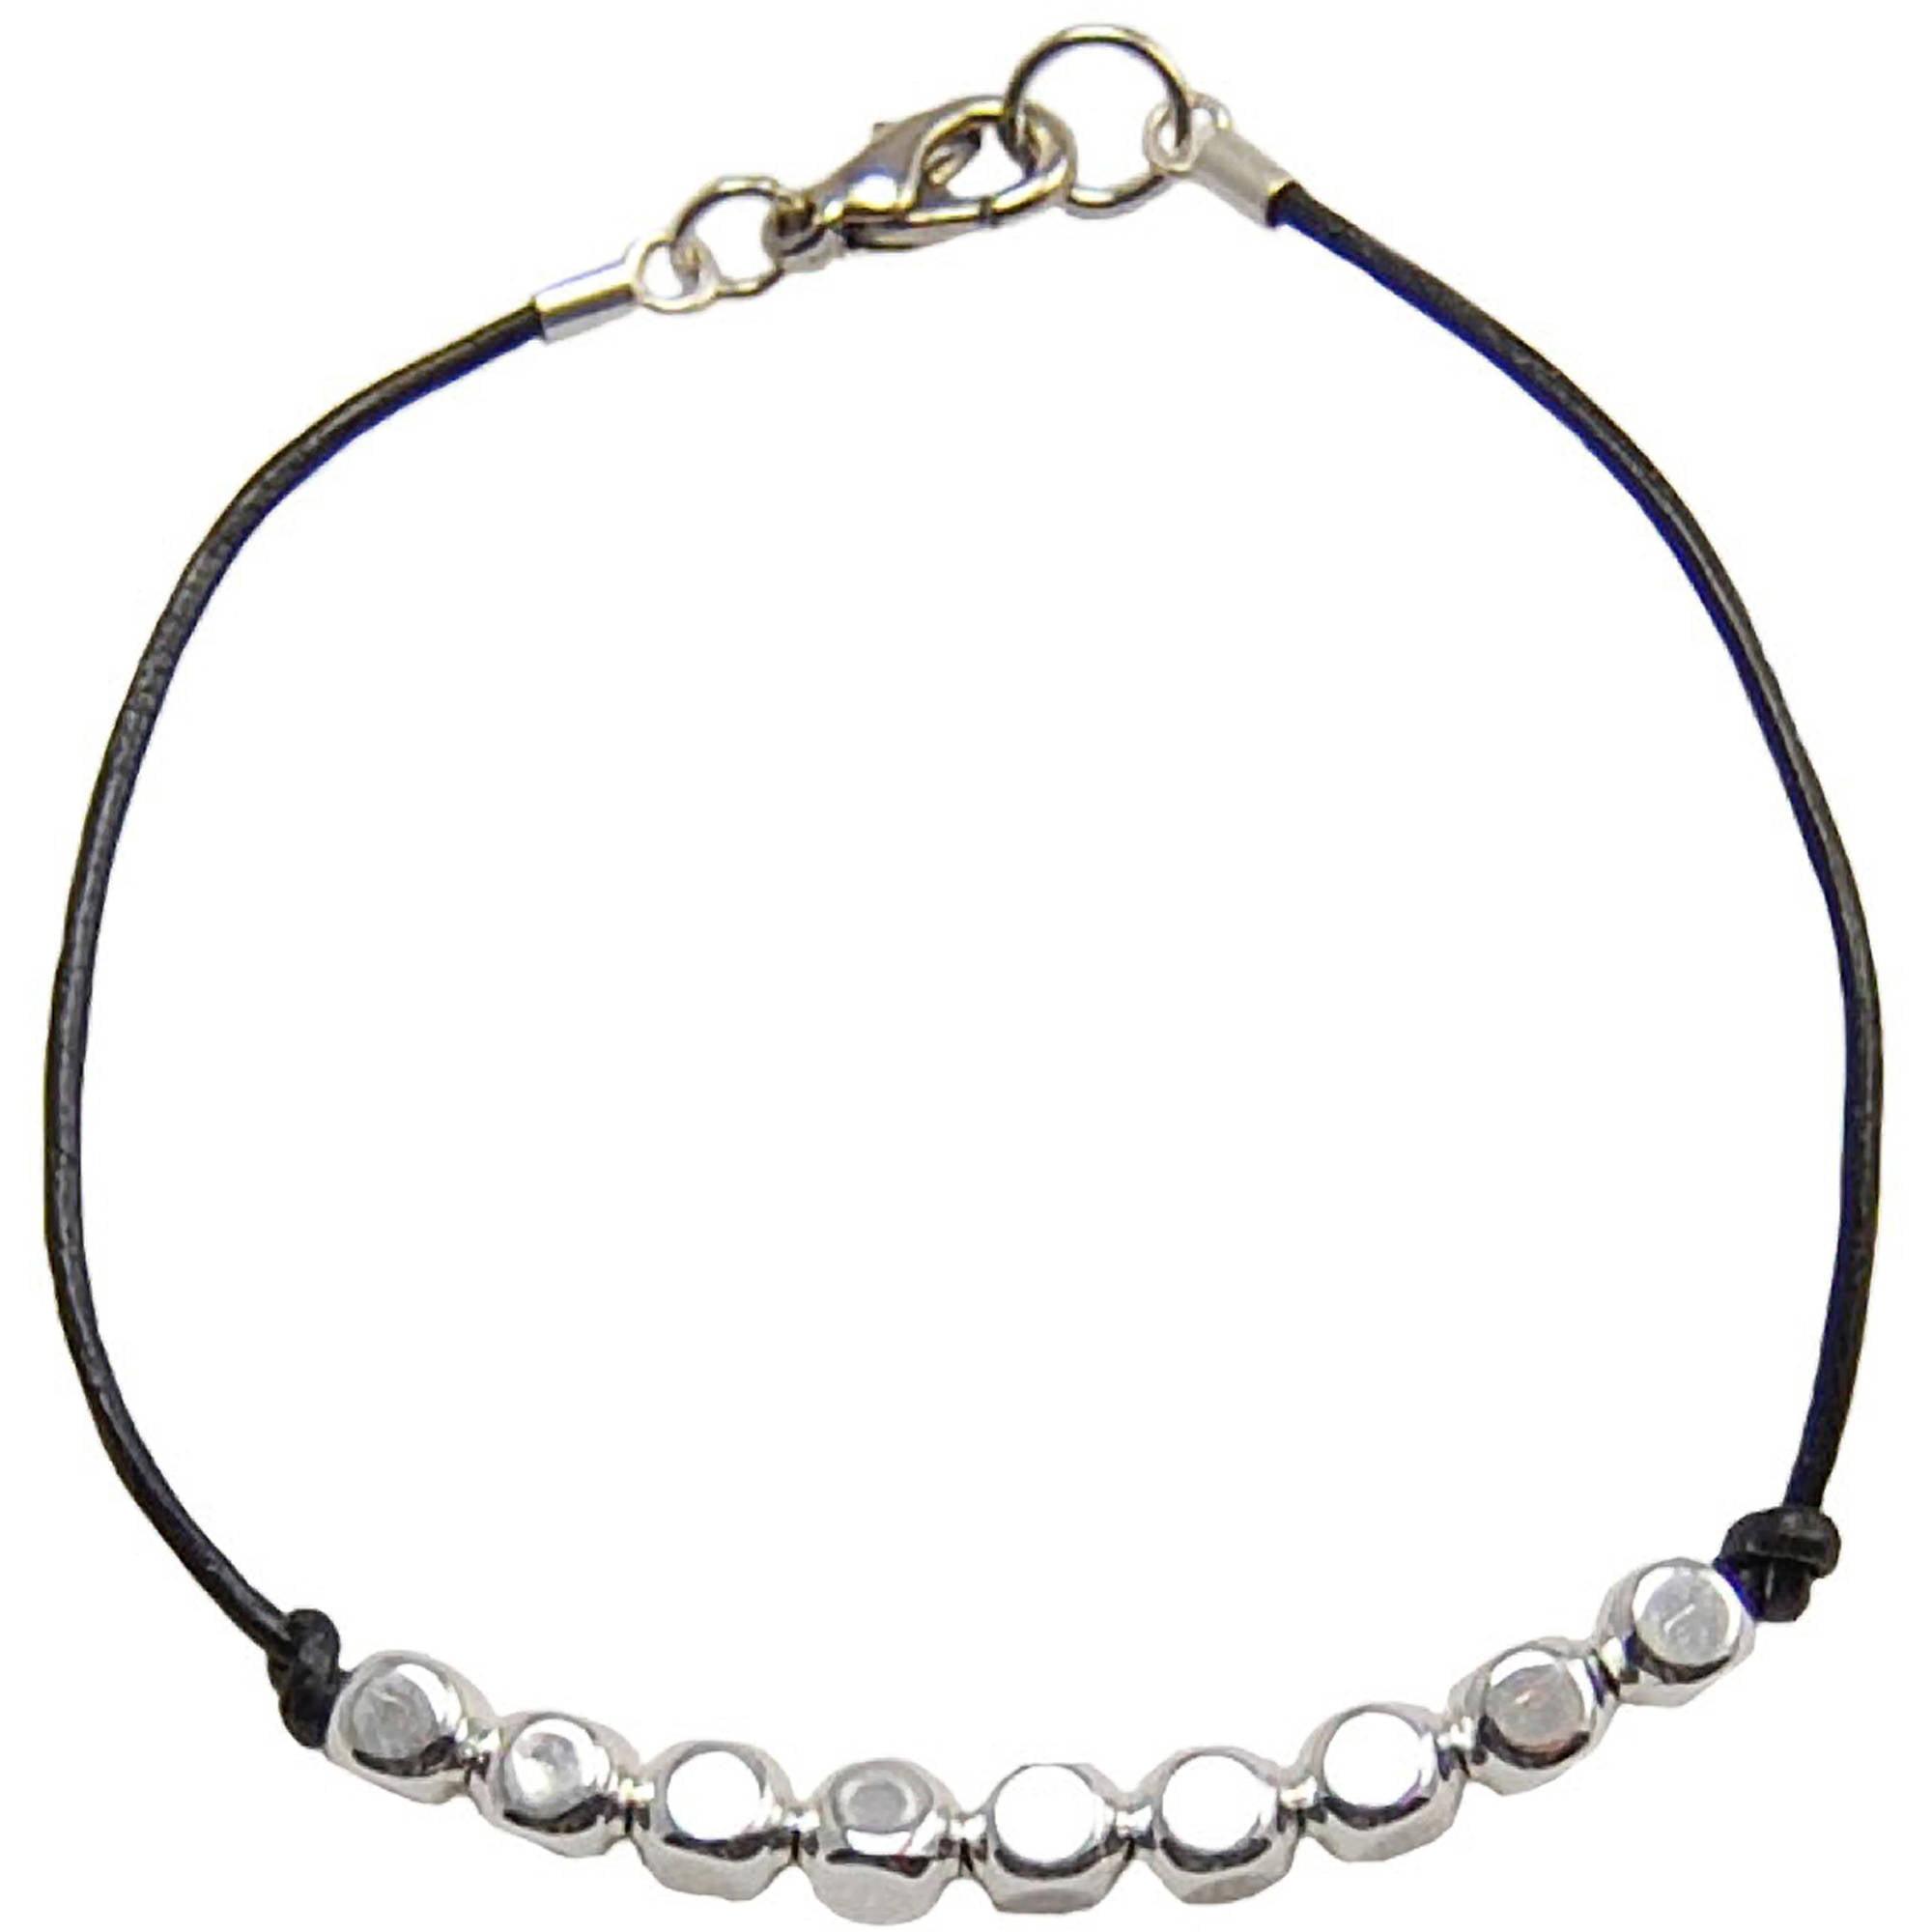 Miss Zoe by Calinana Dot Leather Bracelet, Black/Silver